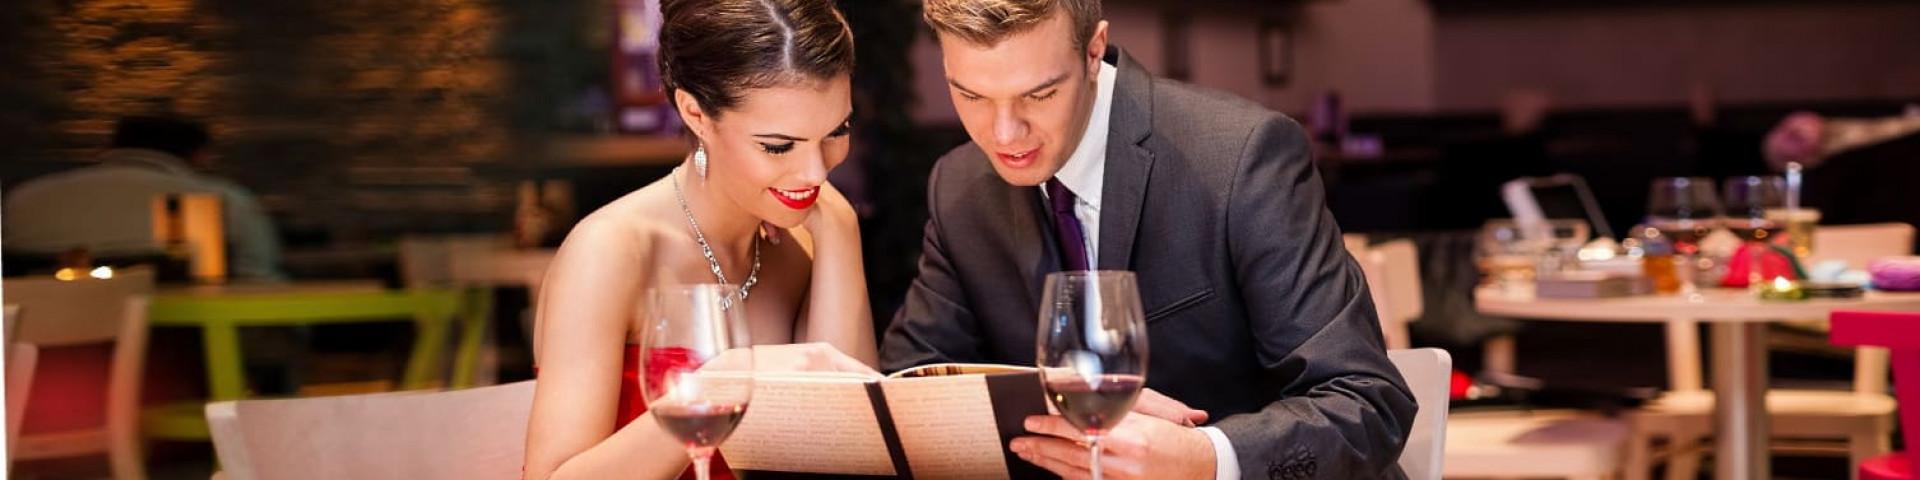 Выбираем место для ужина: рейтинг лучших ресторанов Новосибирска 2021 года